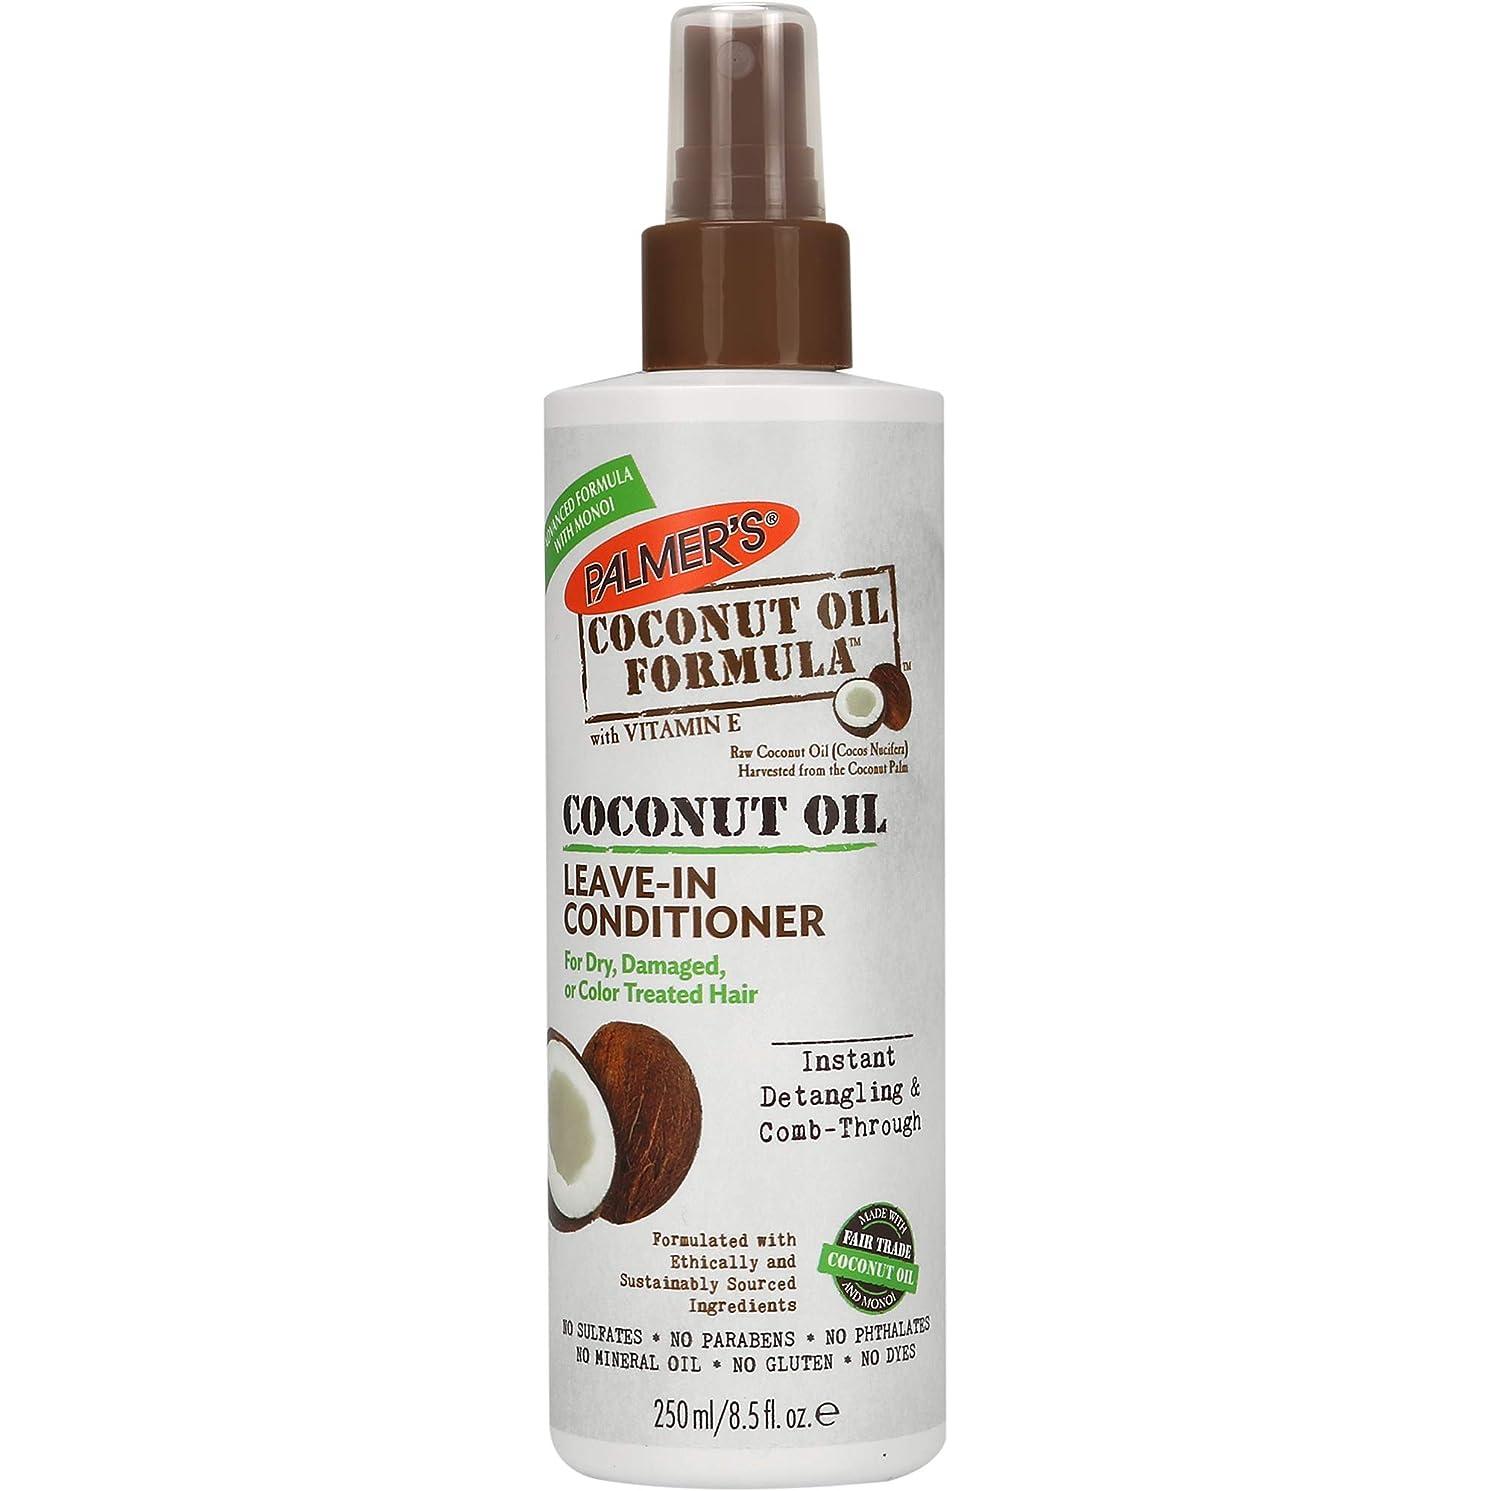 イディオム問い合わせる言い換えるとCoconut Oil Leave-In Conditioner